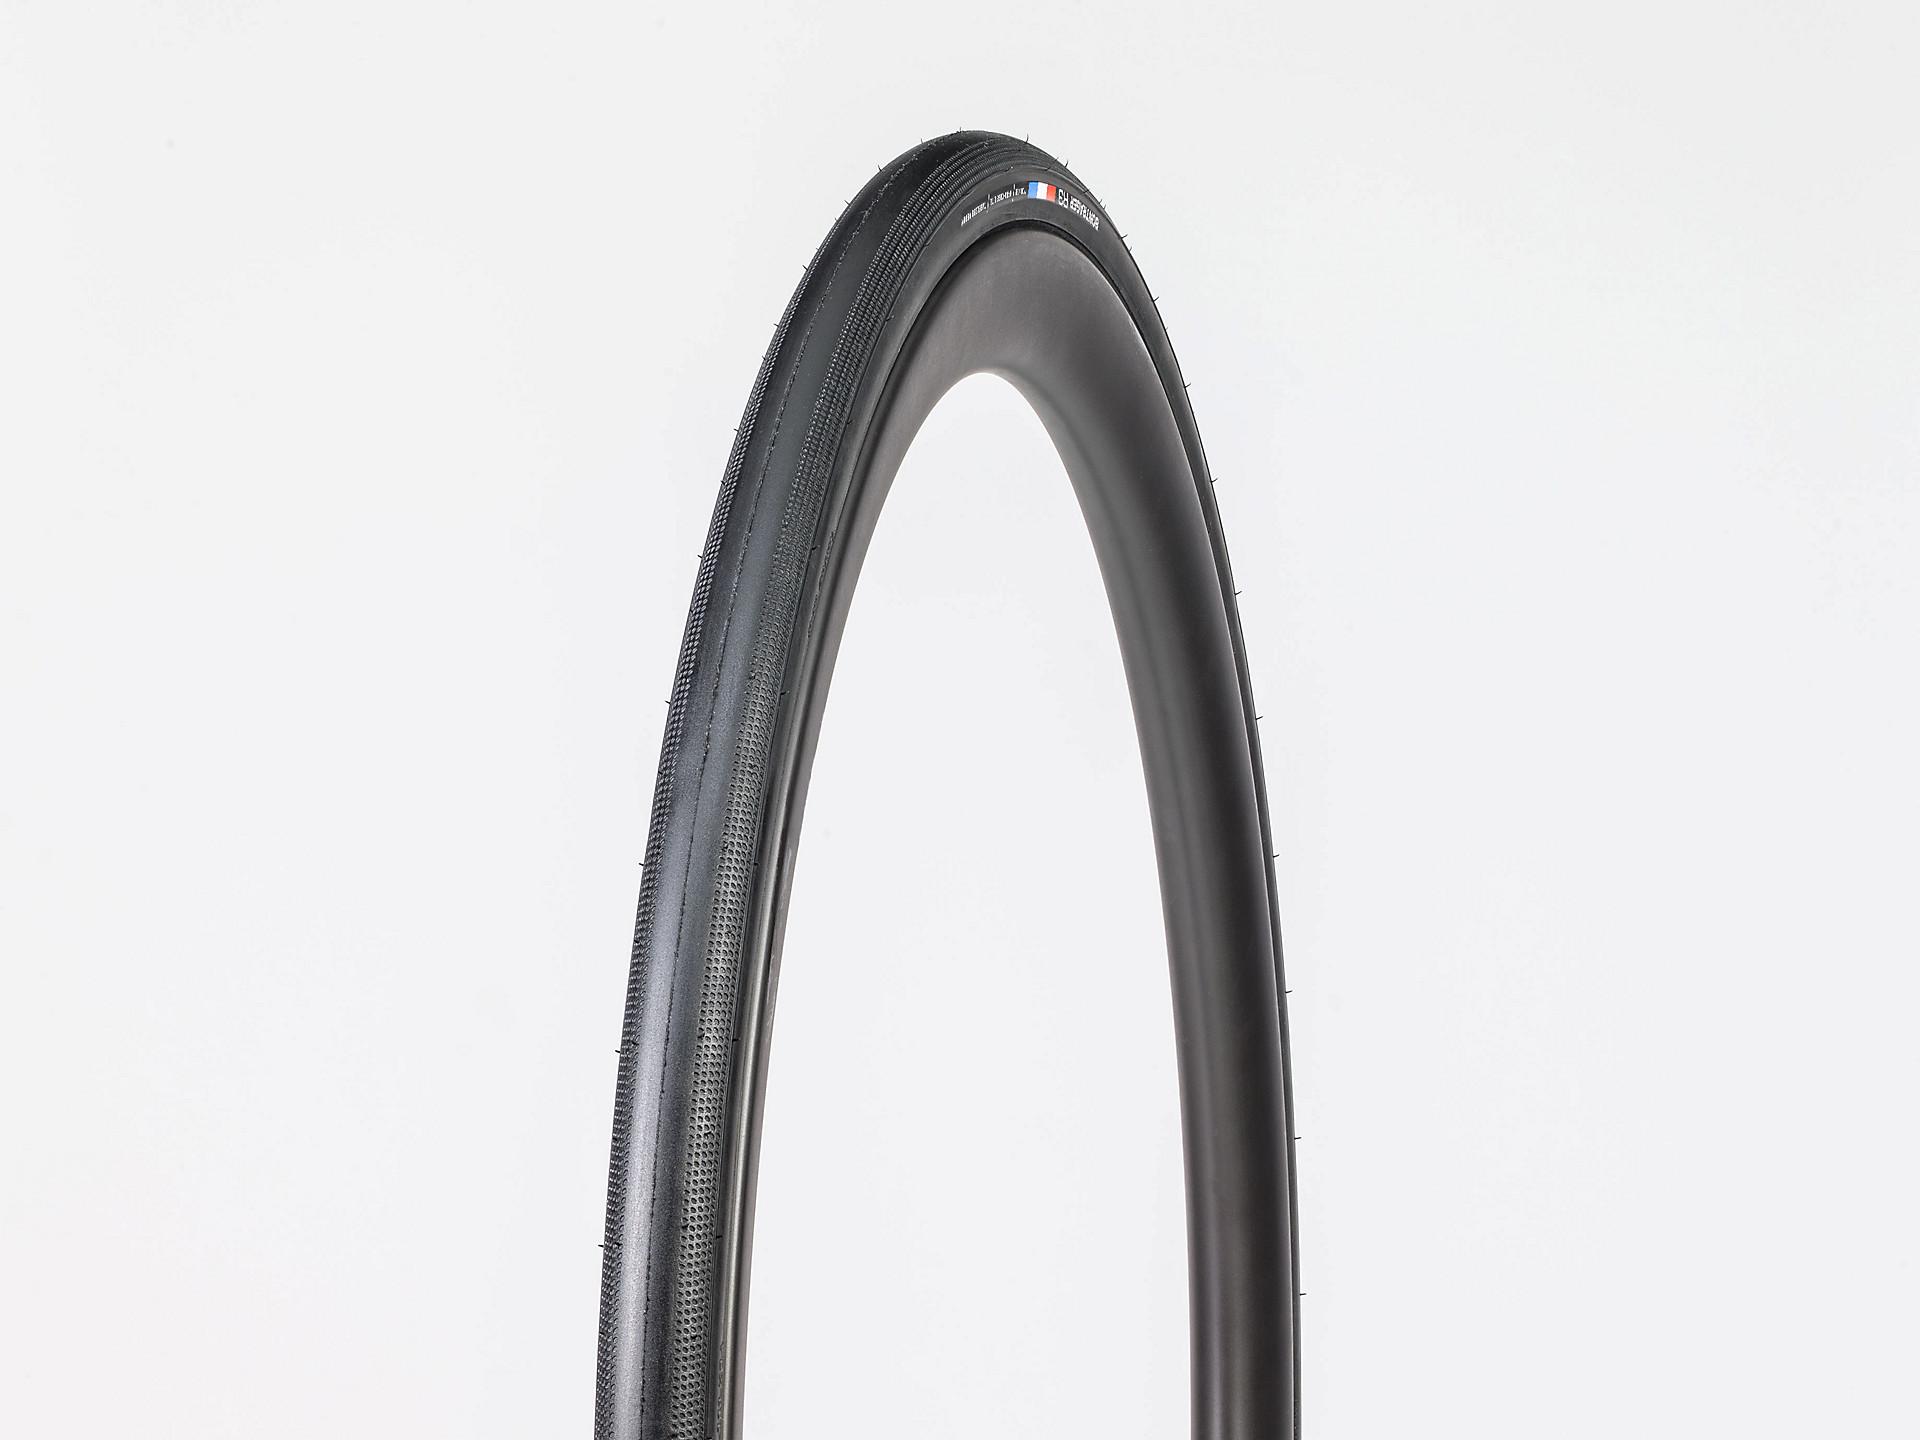 Bontrager R3 Hard-Case Lite TLR Road Tyre graphic